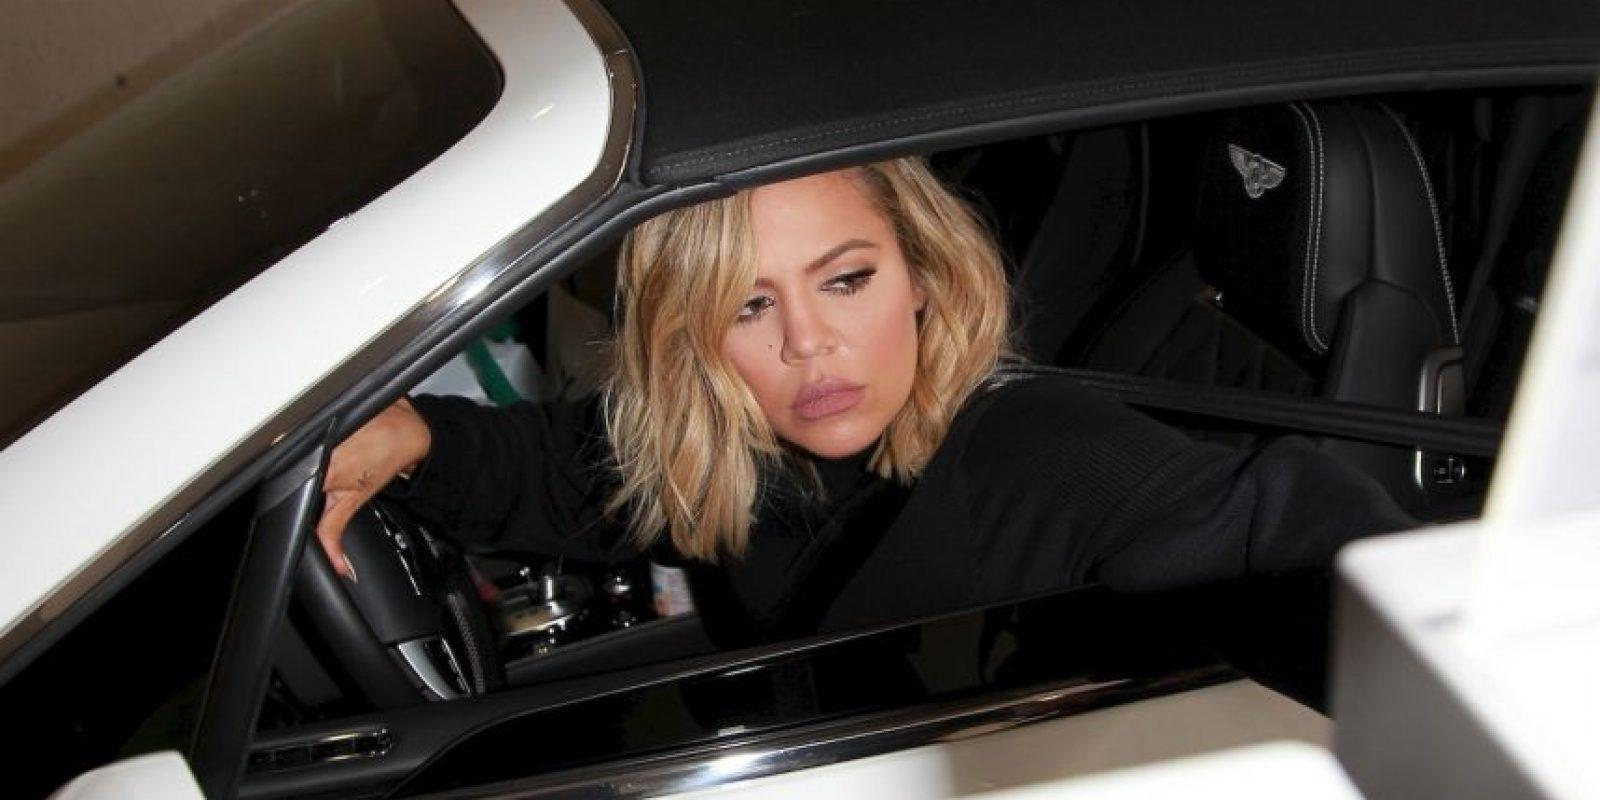 Su hermana Khloé Kardashian fue captada en su visita al hospital. Foto:The Grosby Group